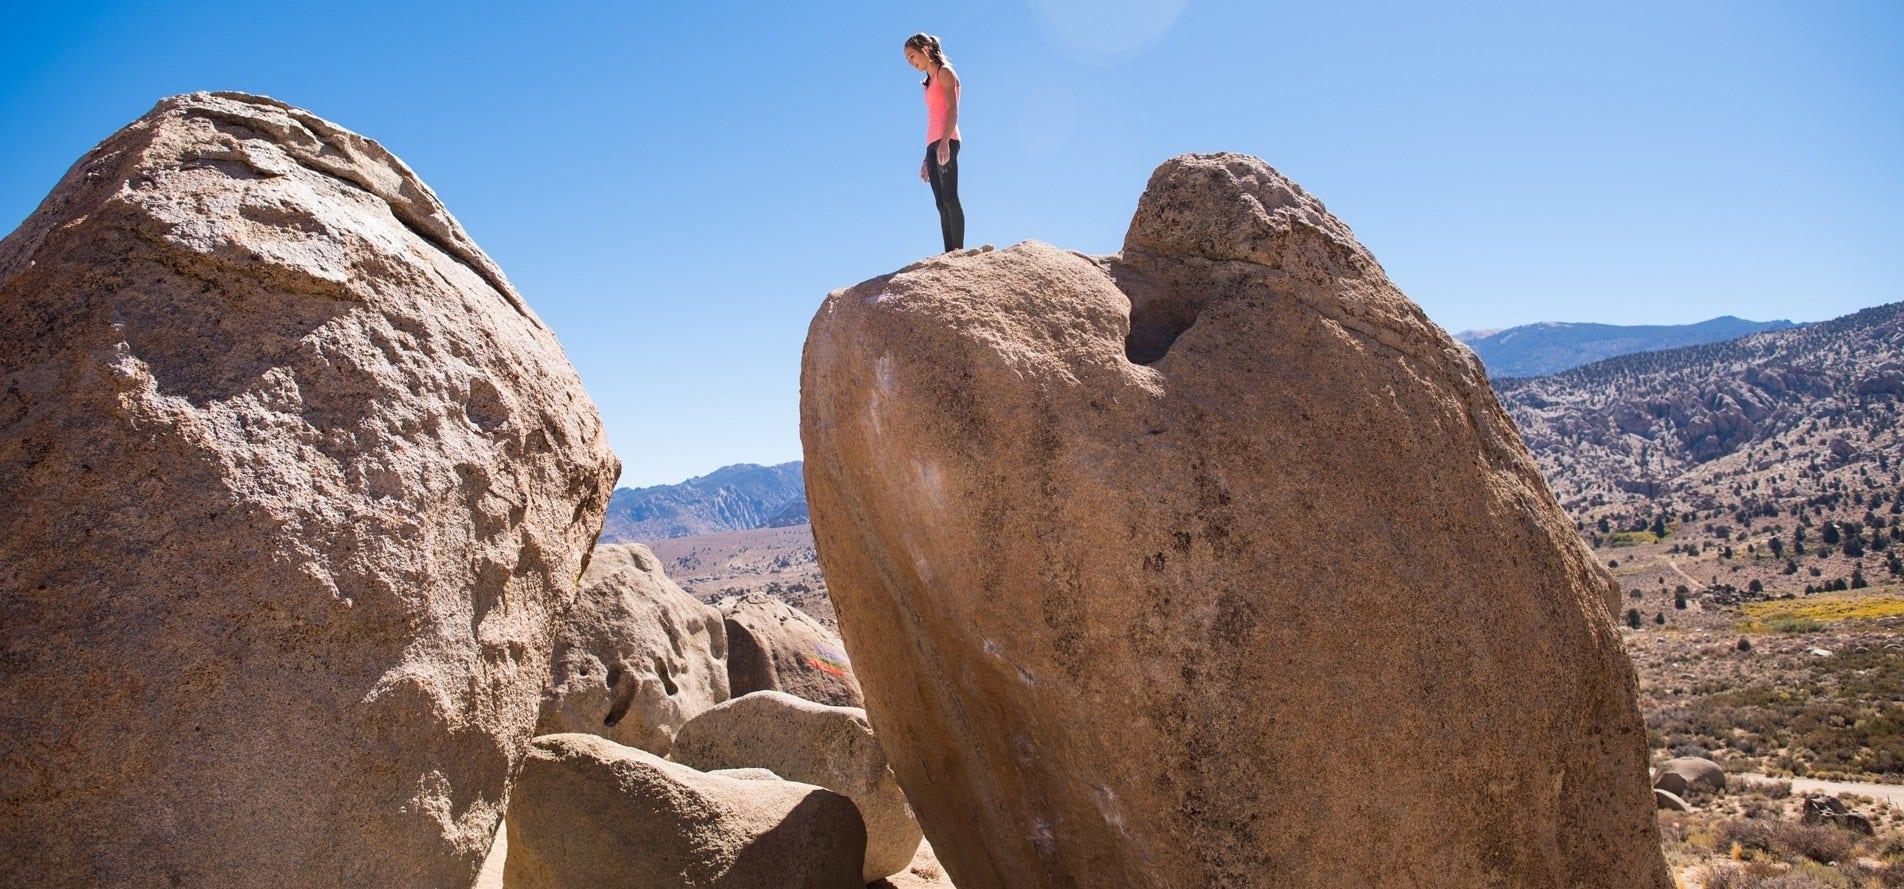 Ameila Marcuson Rock Climber